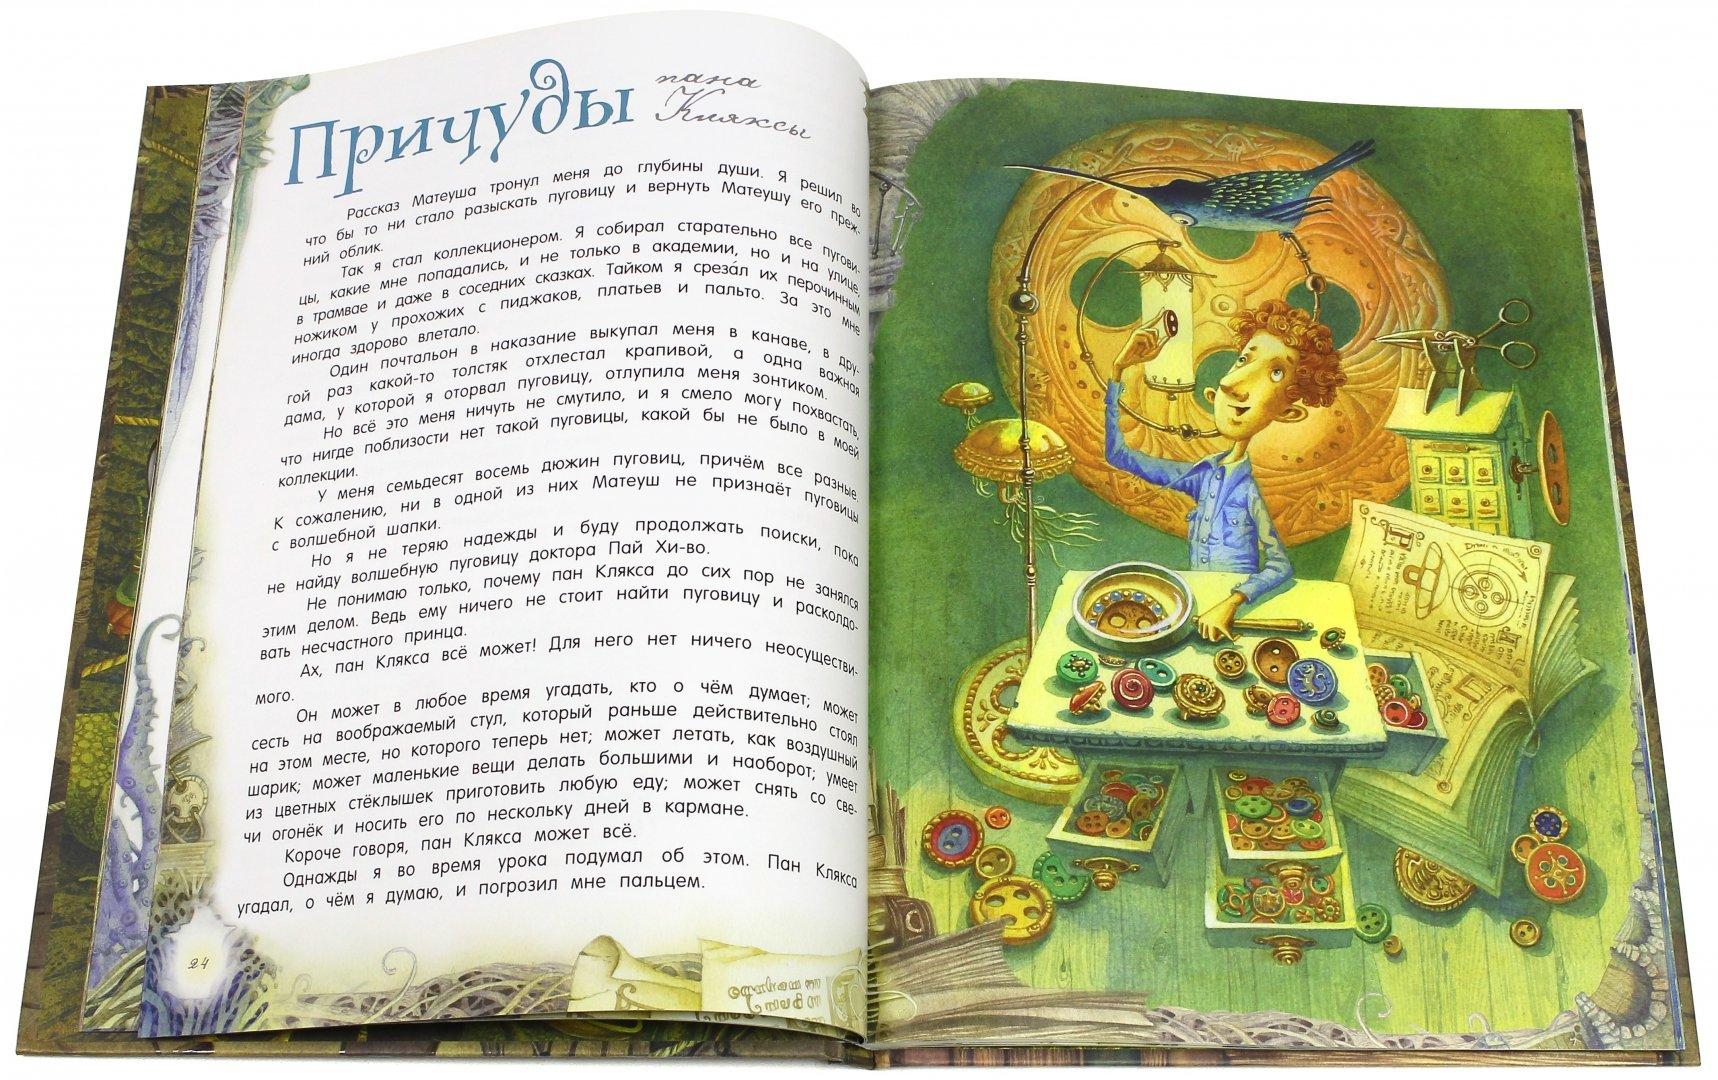 Иллюстрация 1 из 55 для Палитра чудес. Академия пана Кляксы - Ян Бжехва   Лабиринт - книги. Источник: Лабиринт